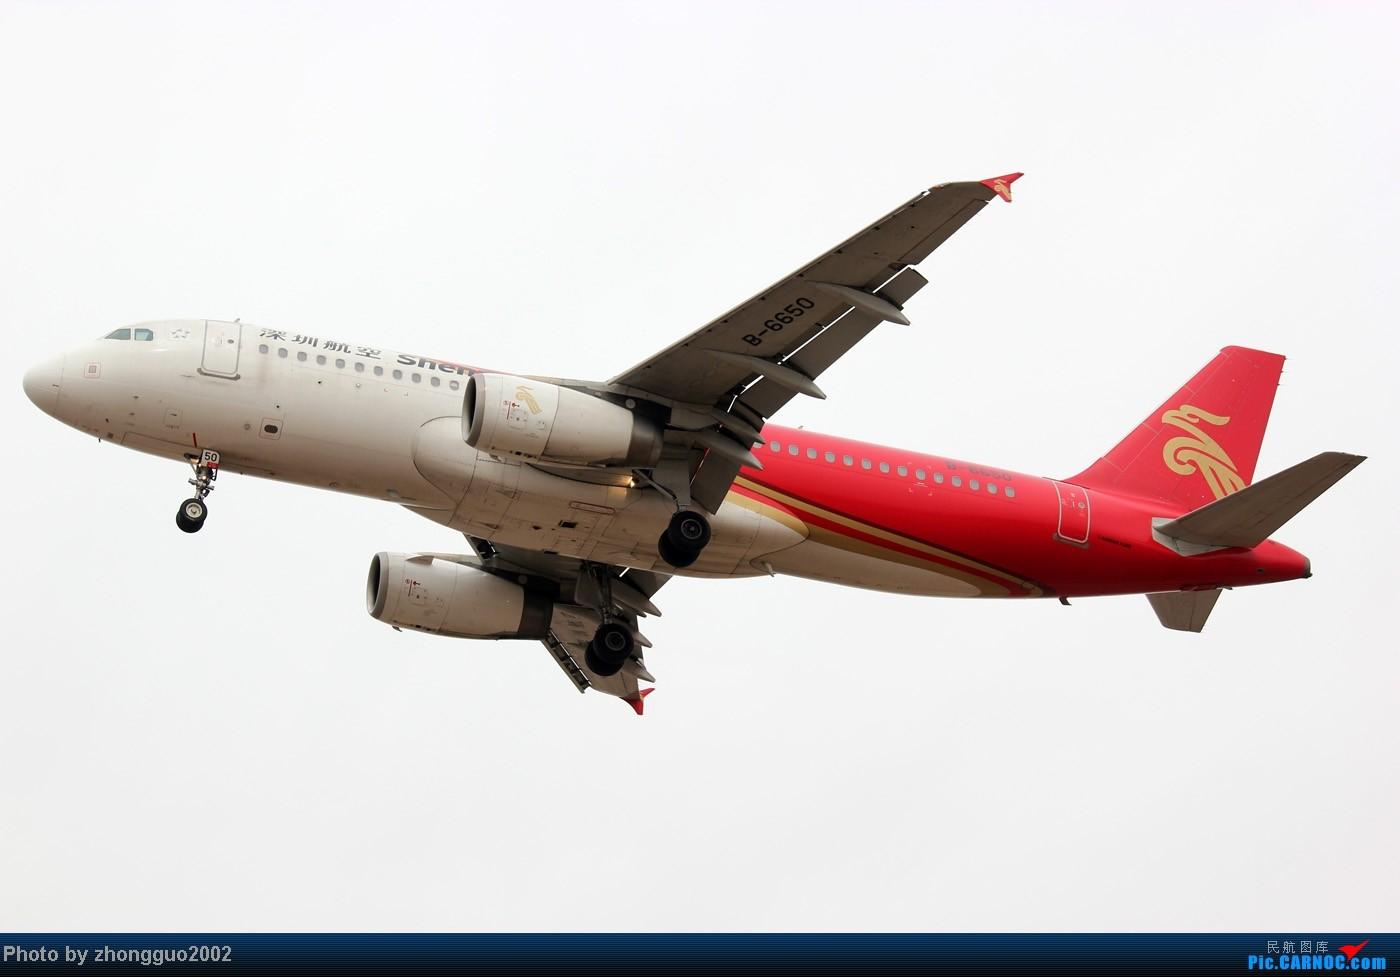 Re:[原创]长荣航空带小翼的321,东航6457小翼319,国航的新机子1947.1945,国航内蒙古号5226,新舟60,以及深圳、首都、西部等航空的飞机。 AIRBUS A320-200 B-6650 中国呼和浩特白塔机场